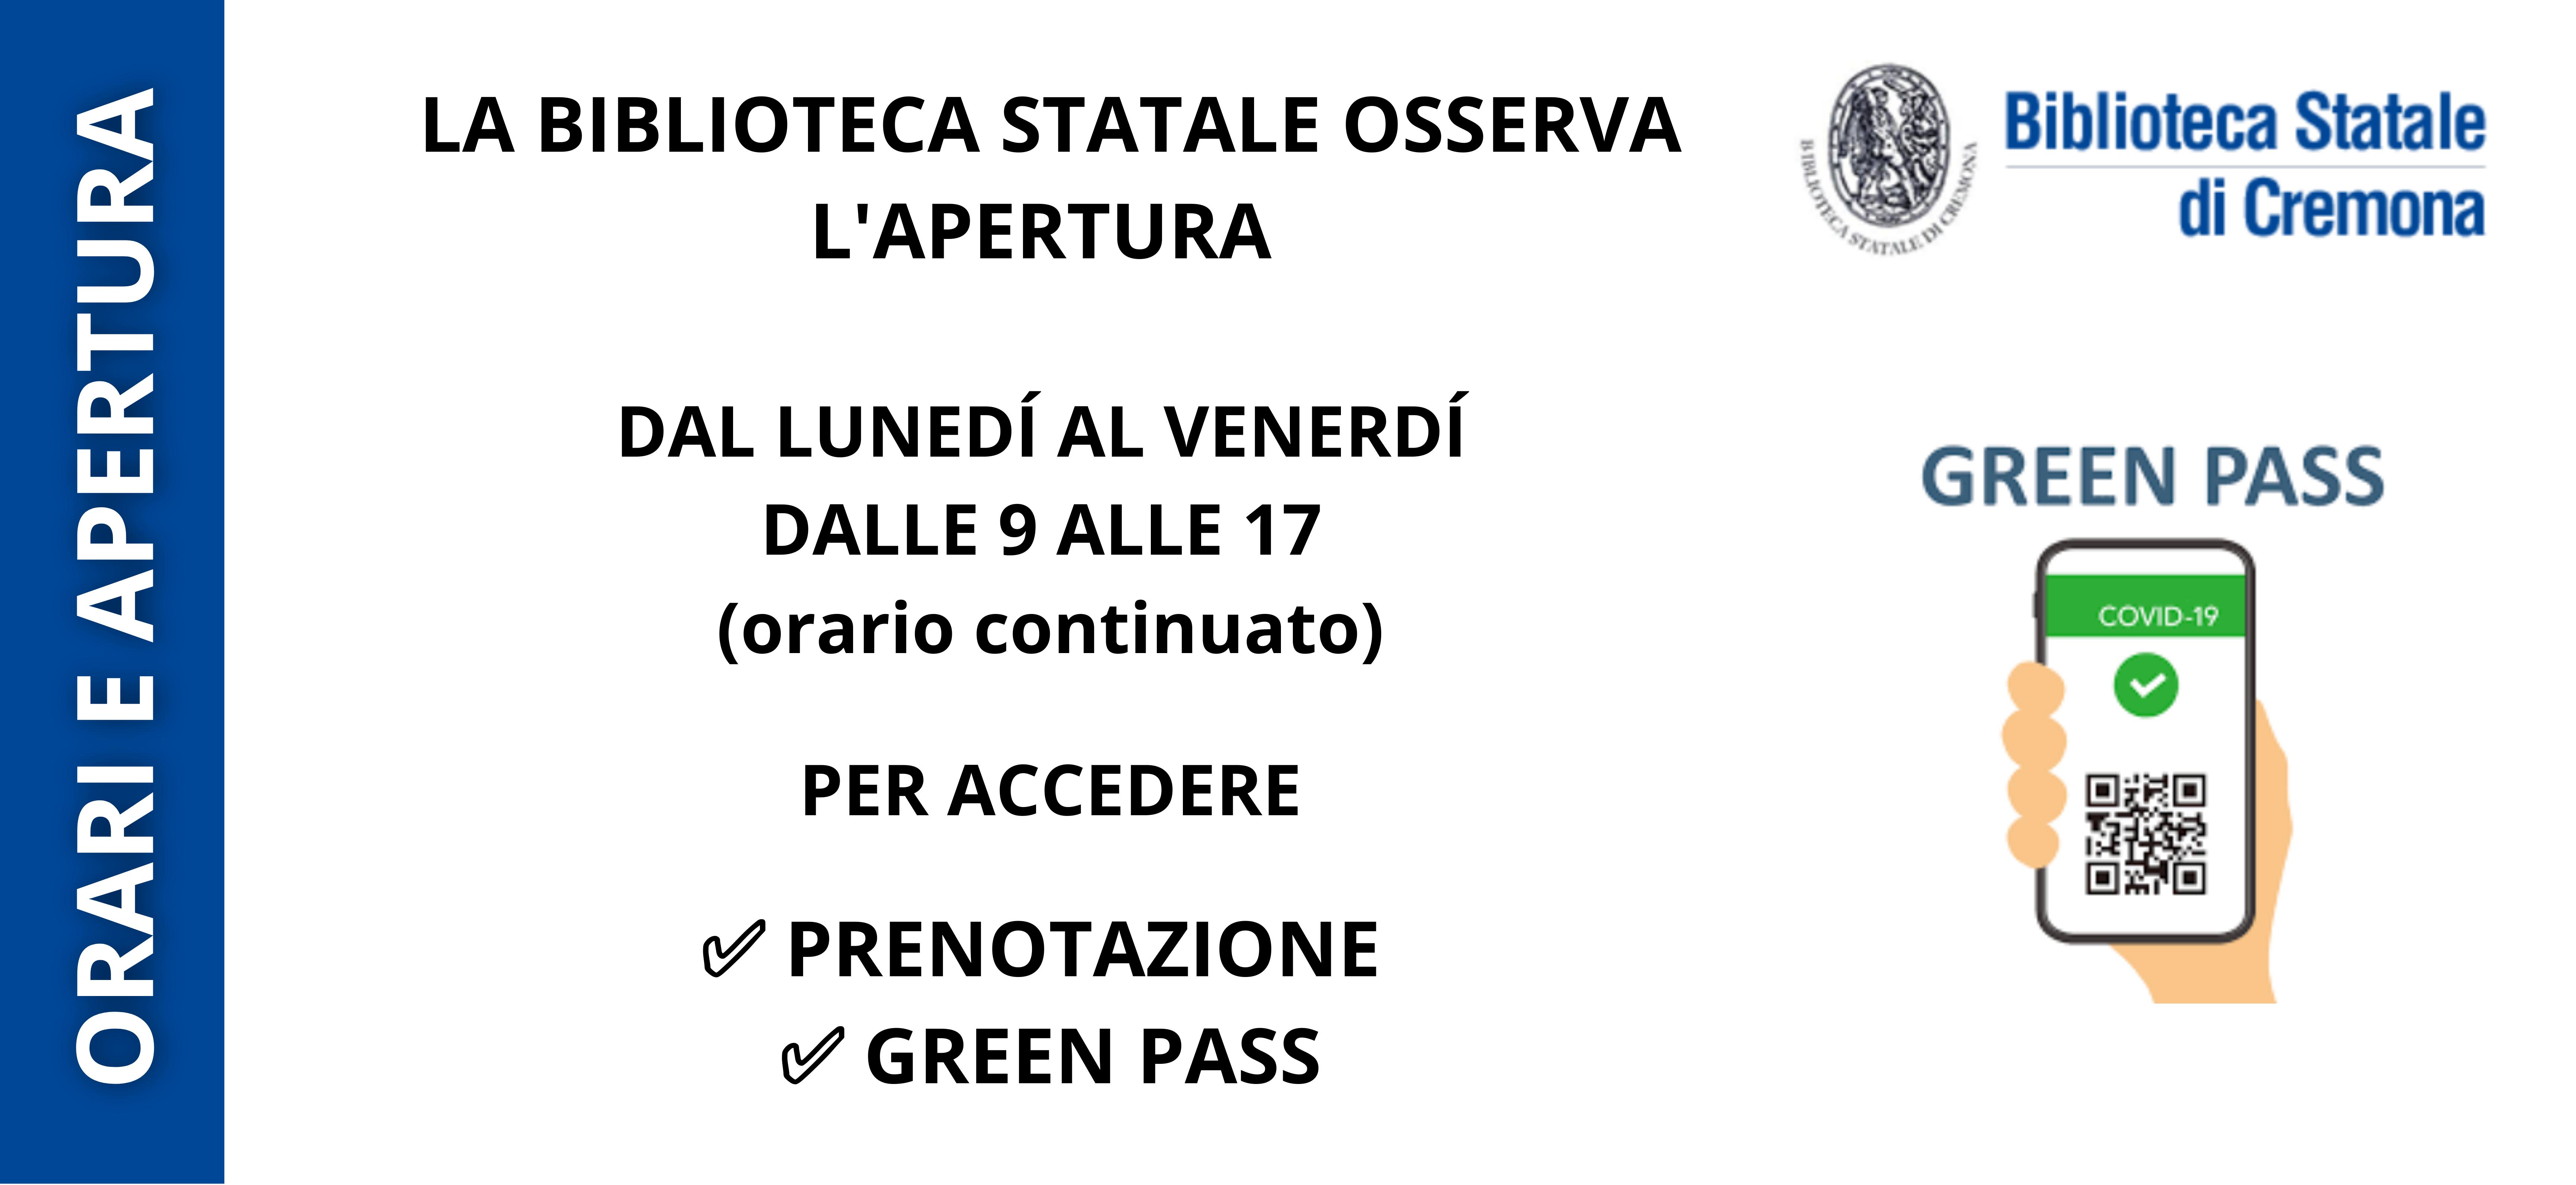 La Biblioteca Statale di Cremona riapre al pubblico dal 17/8. Acceso su prenotazione tramite piattaforma biblio.prenotime e con green pass